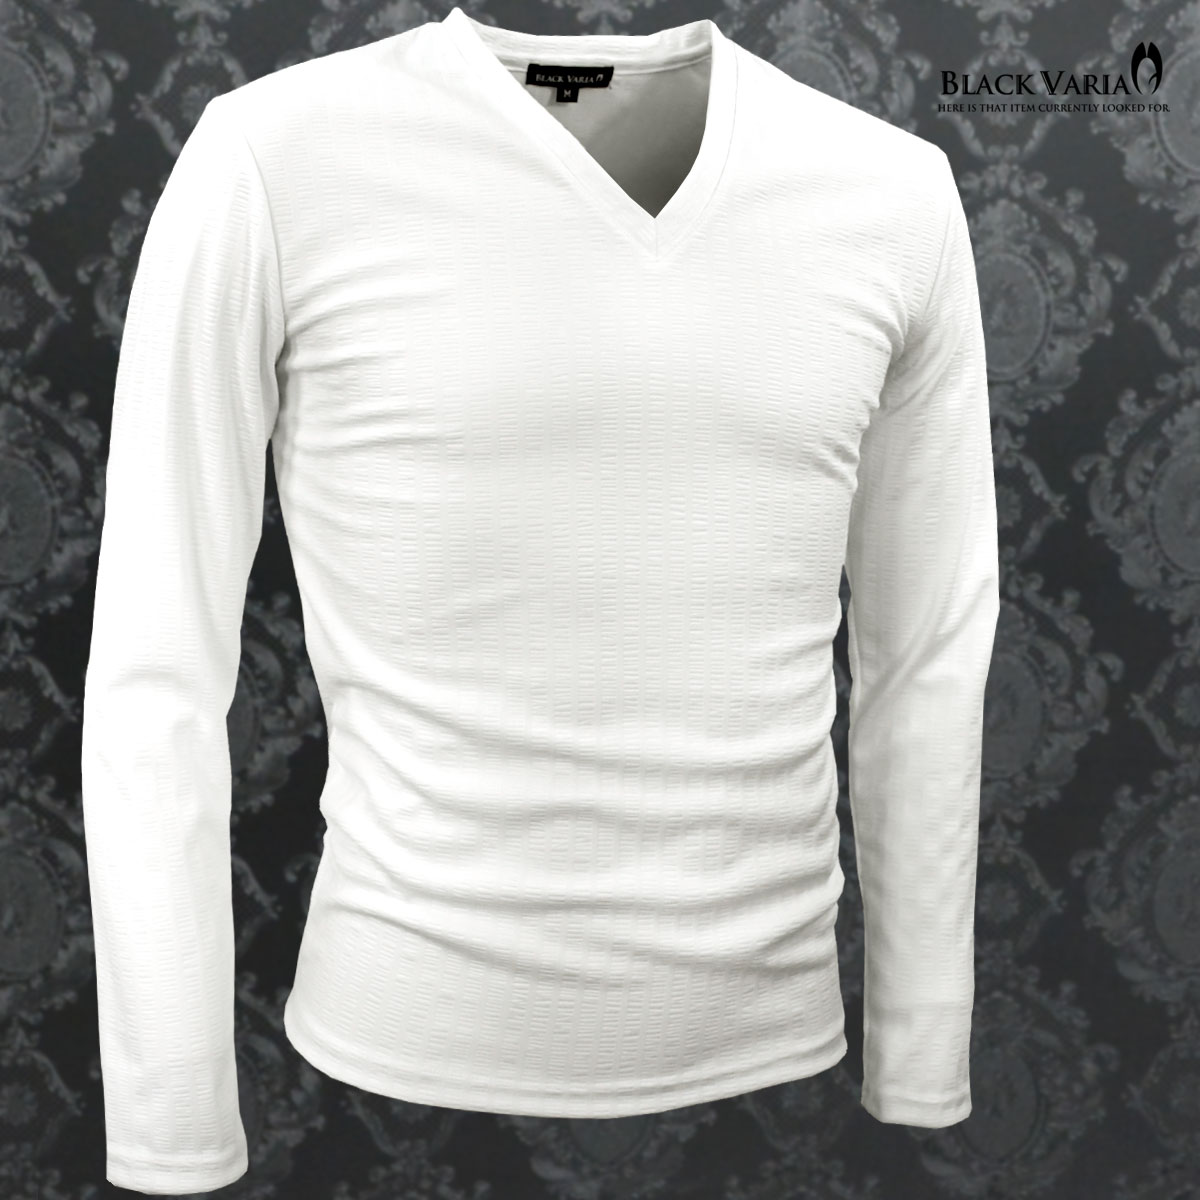 Tシャツ Vネック ストライプ メンズ 日本製 無地 幾何学模様 スリム 長袖 ロンT mens(ホワイト白)